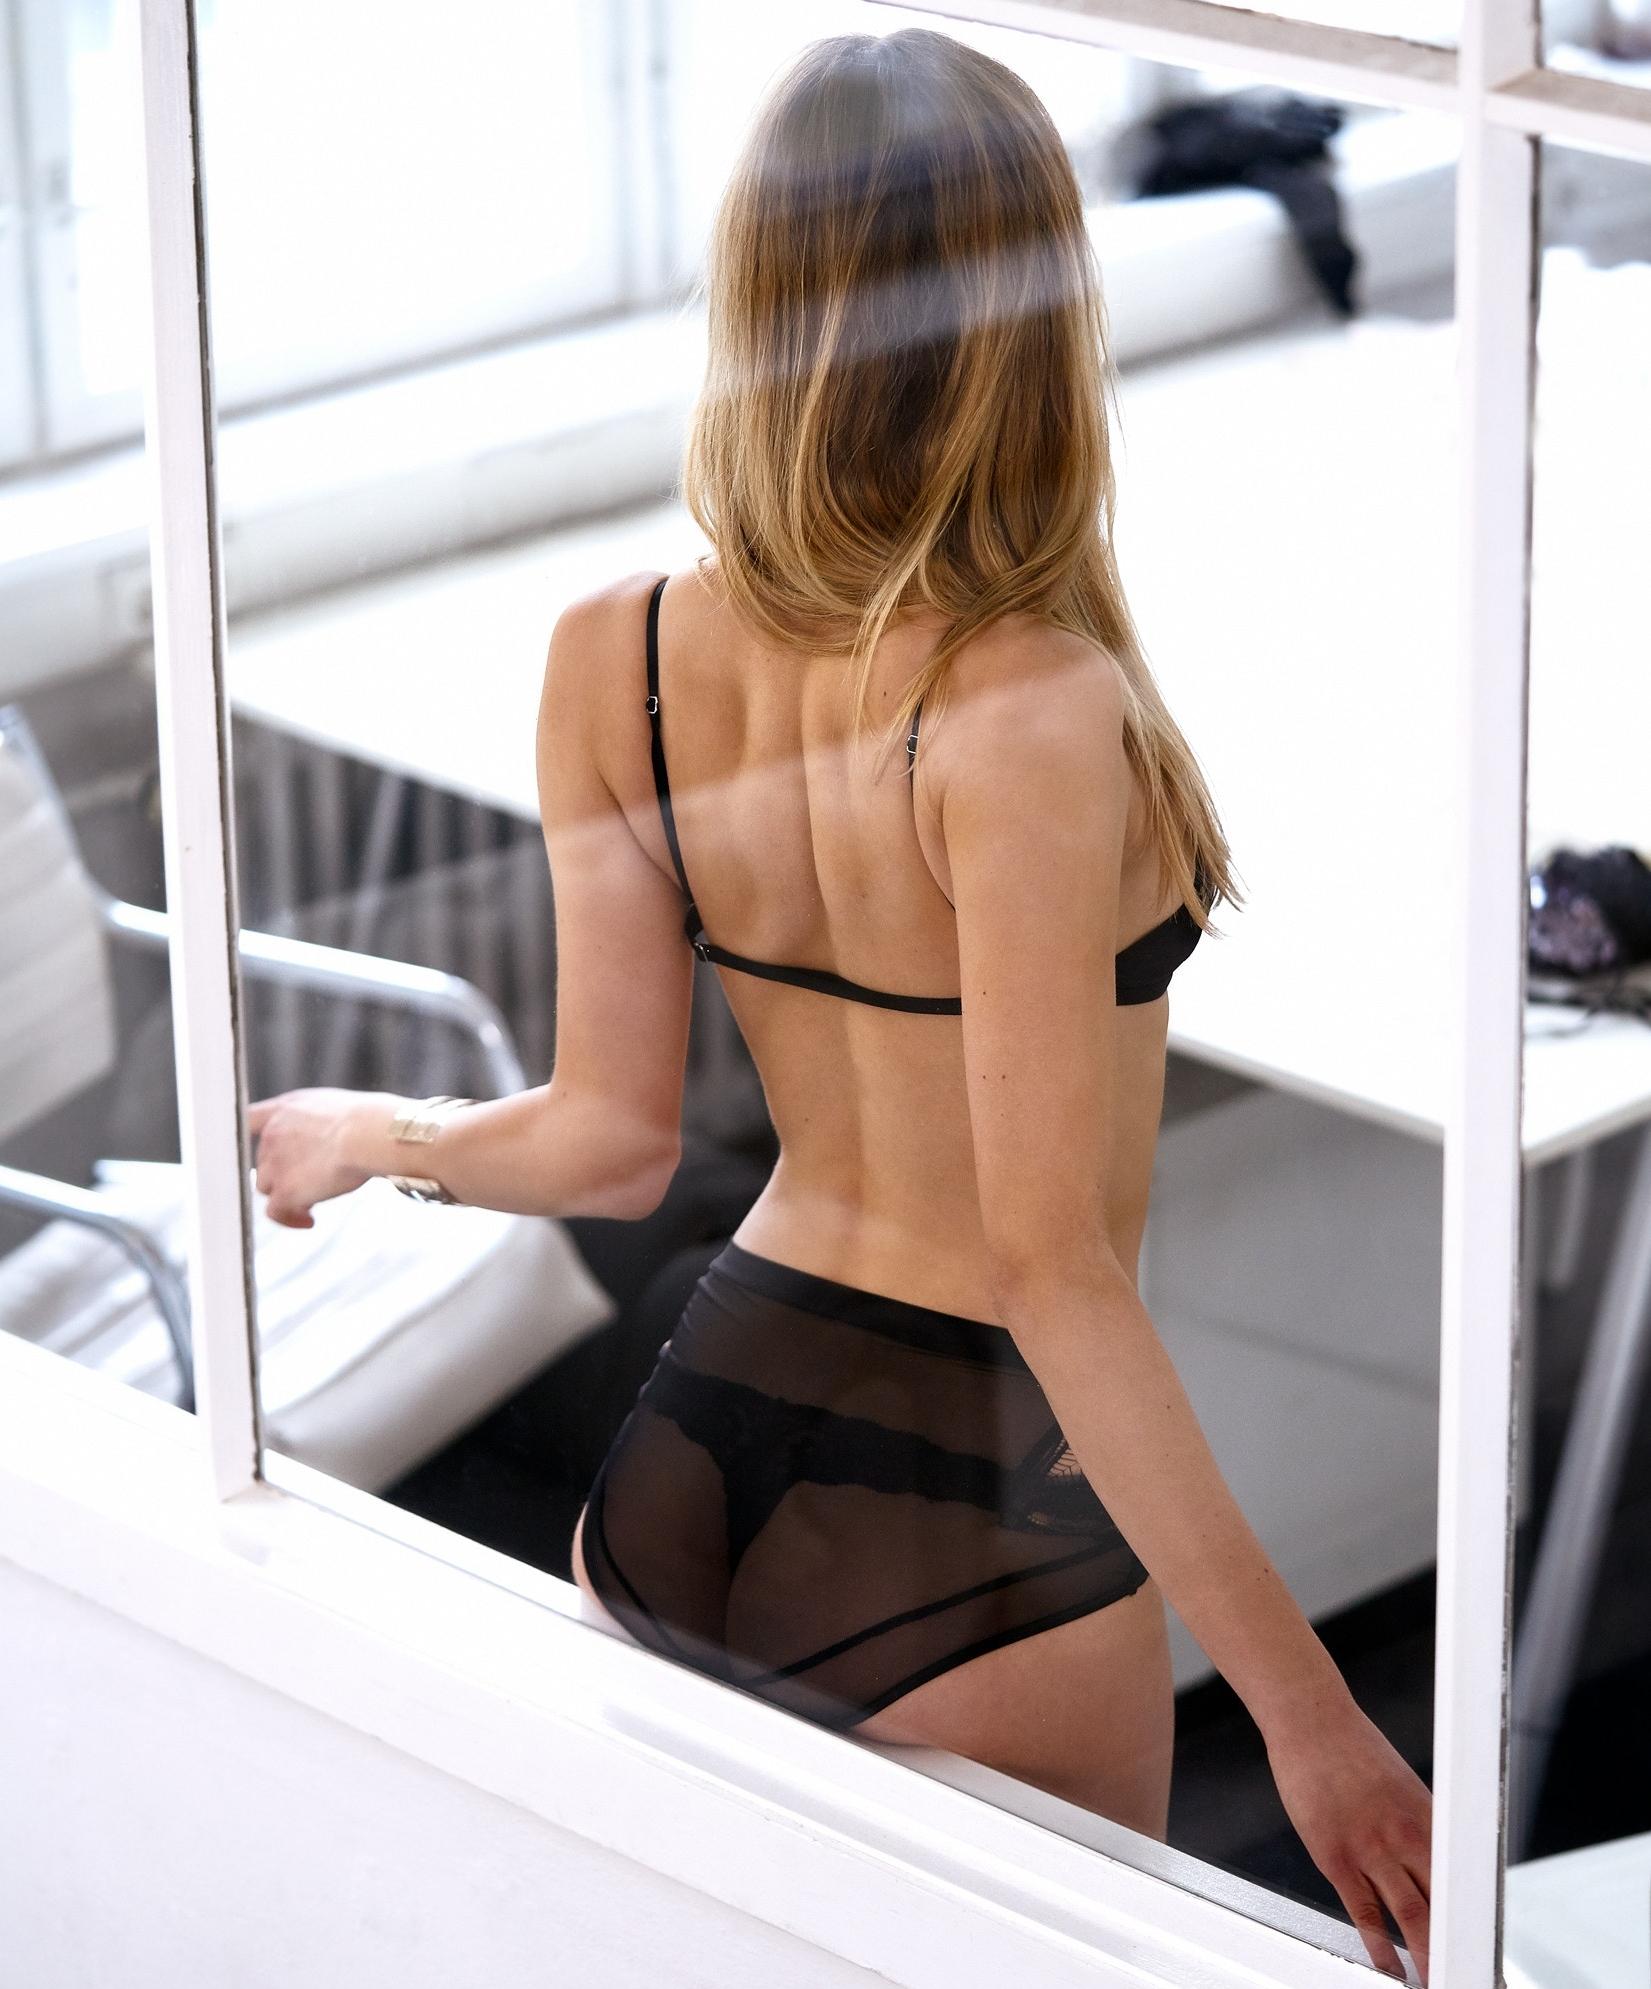 Contureaza-ti rotunjimile apetisante cu o lenjerie intima potrivita posteriorului tau